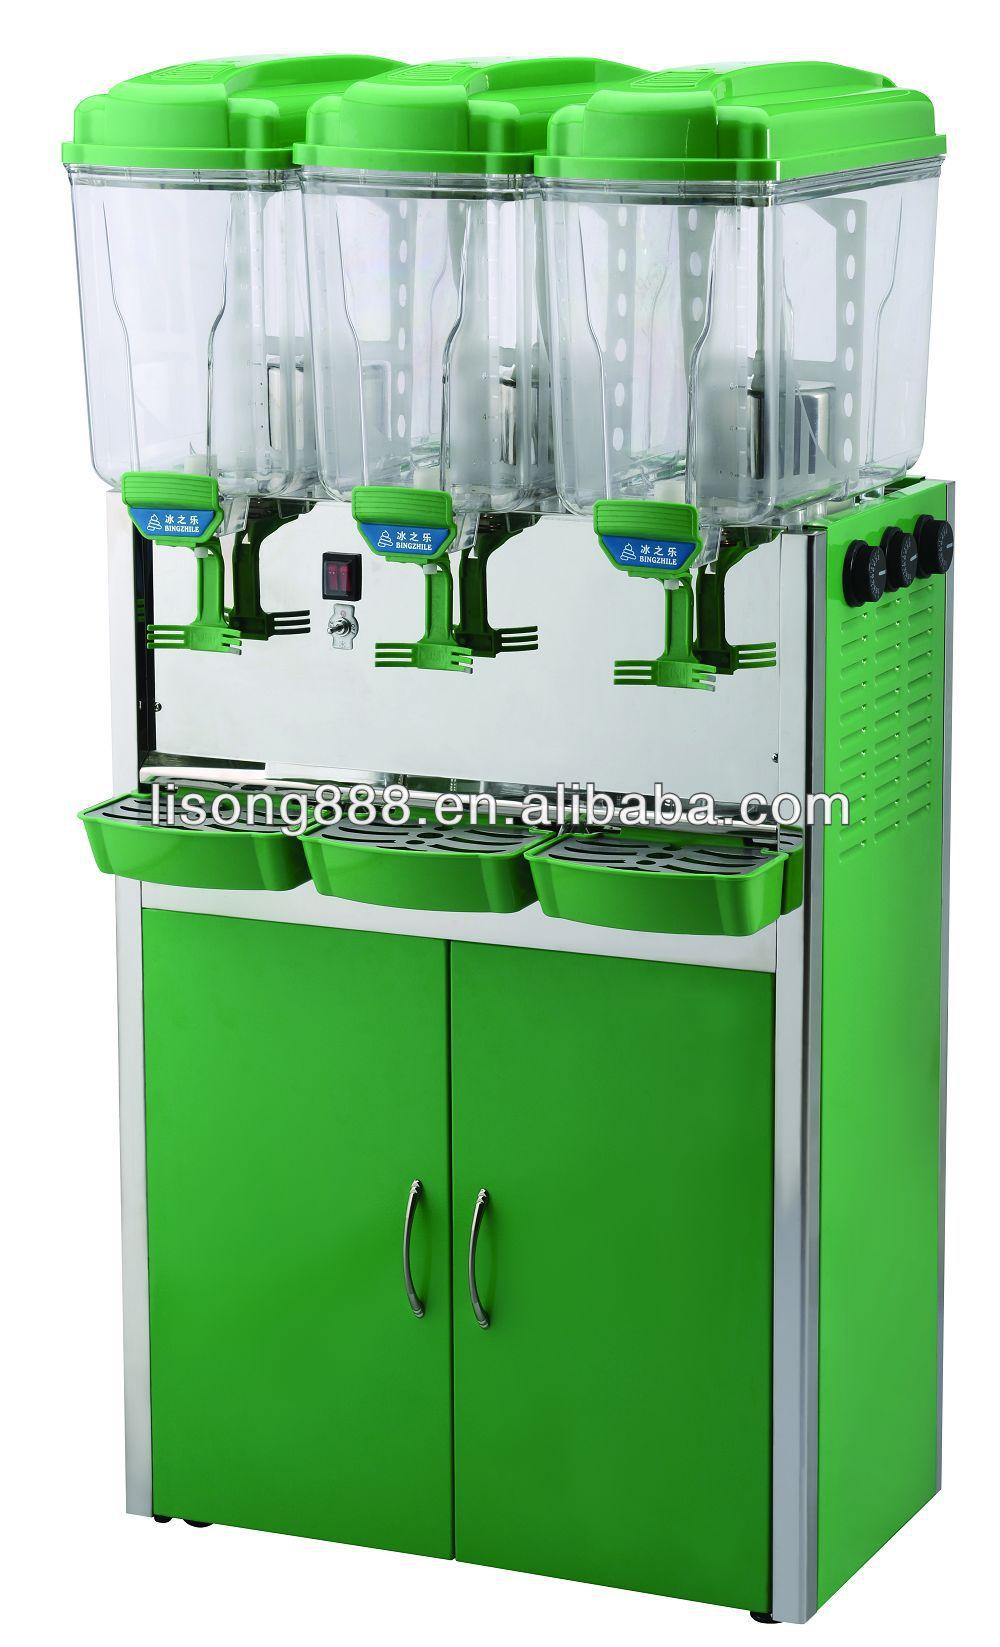 meilleur prix de 15 litres machine jus de fruits extracteur de jus id de produit 273711130. Black Bedroom Furniture Sets. Home Design Ideas